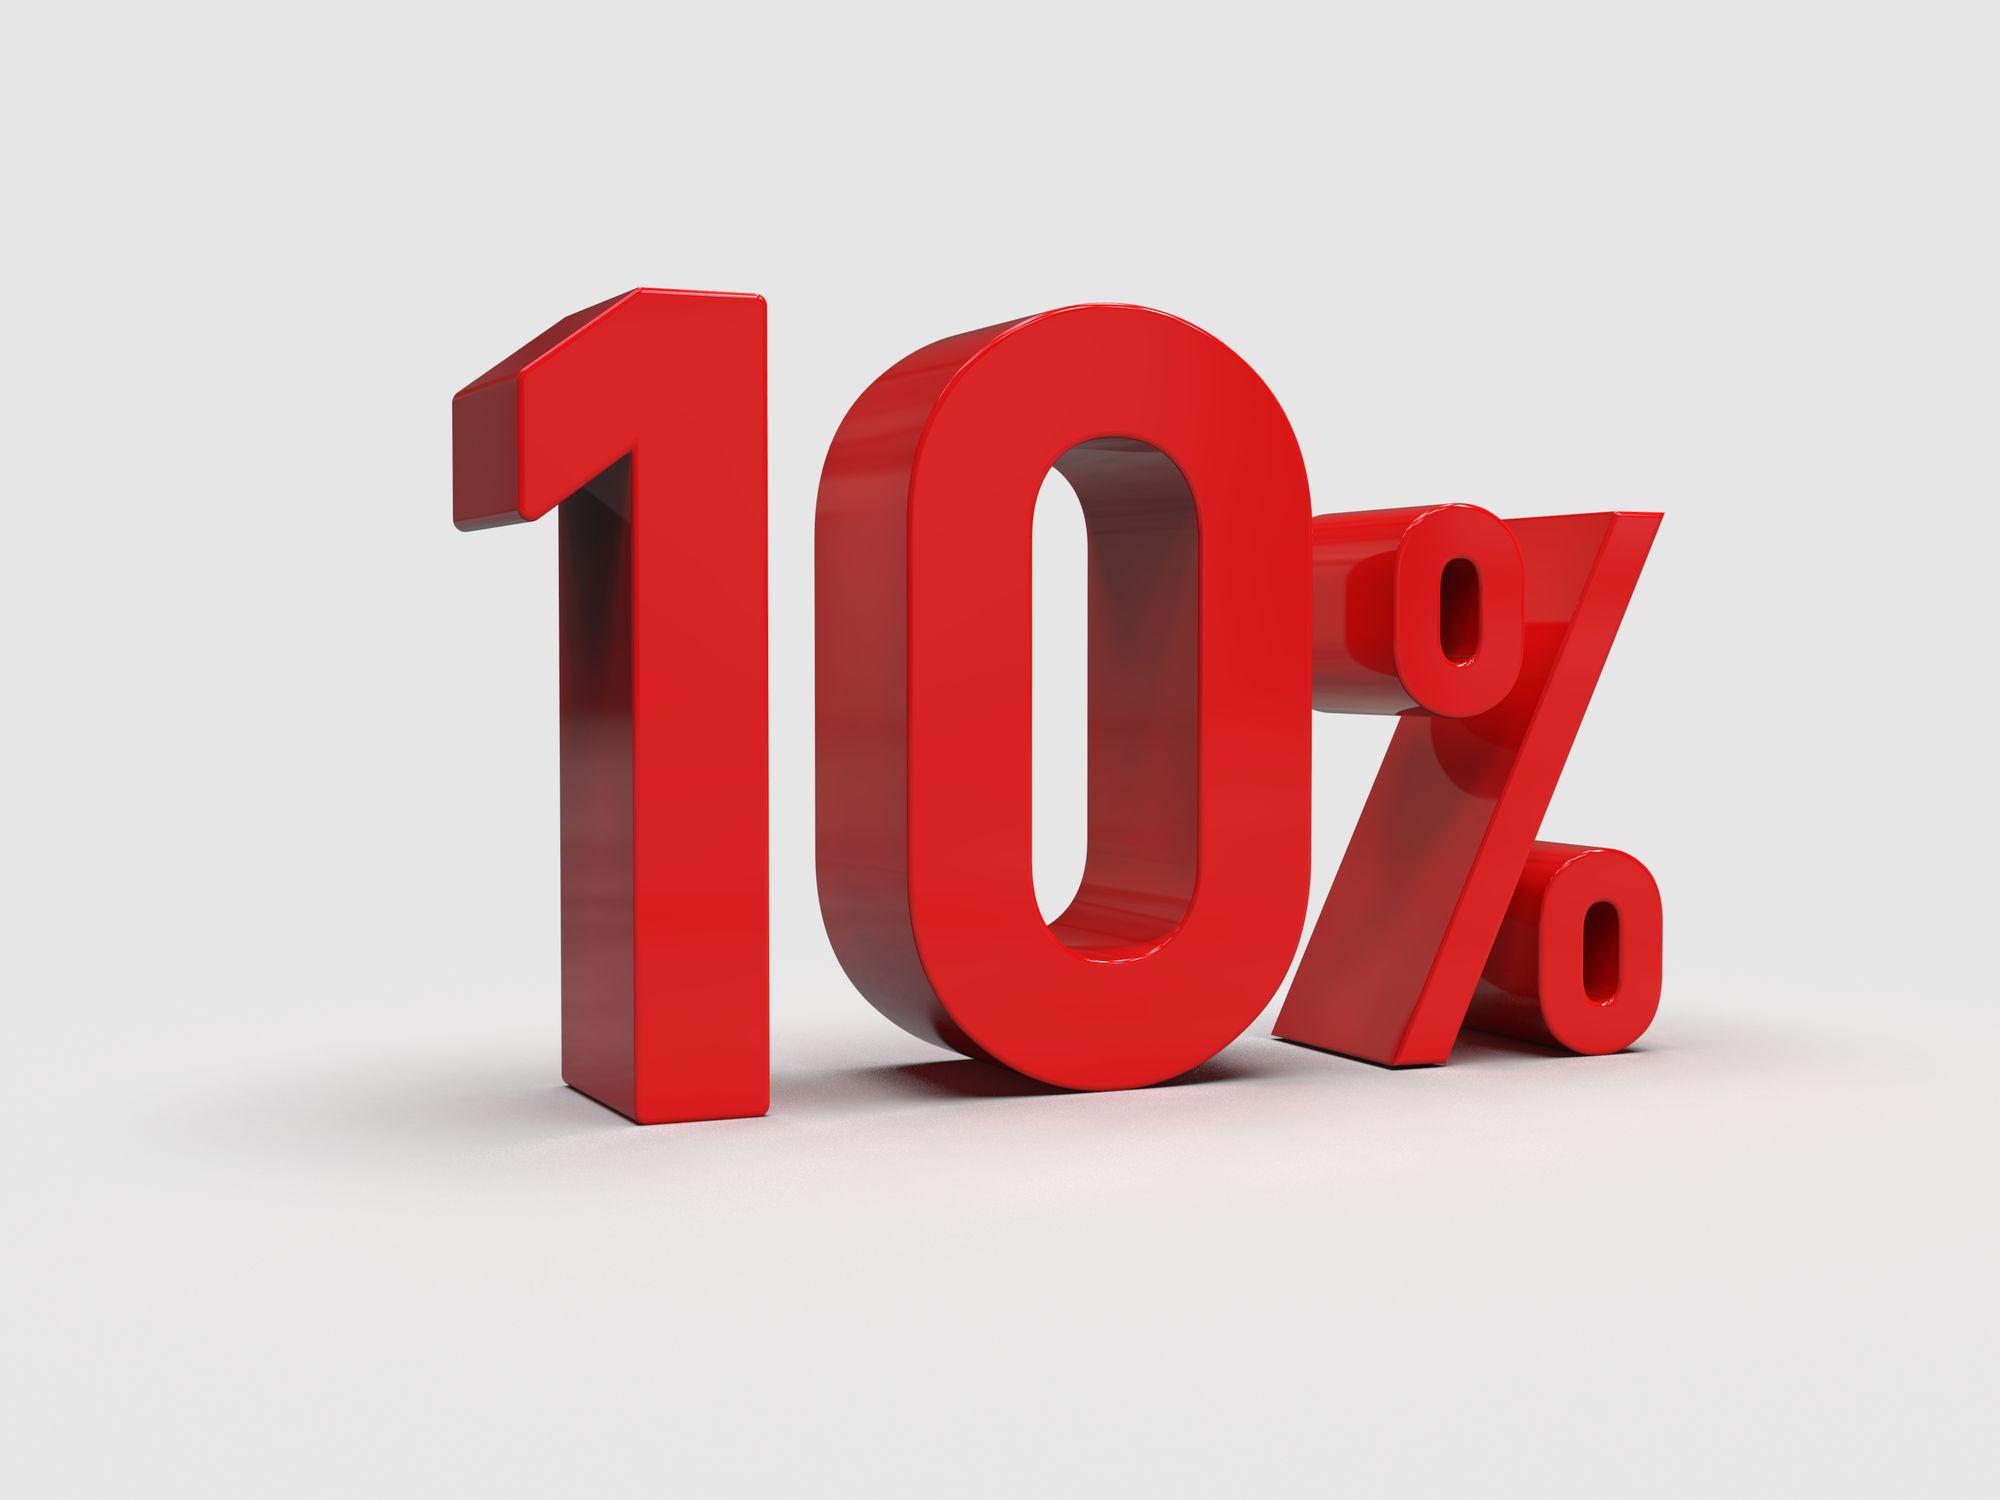 FXOpen将加密帐户的隔夜利息降低至10%